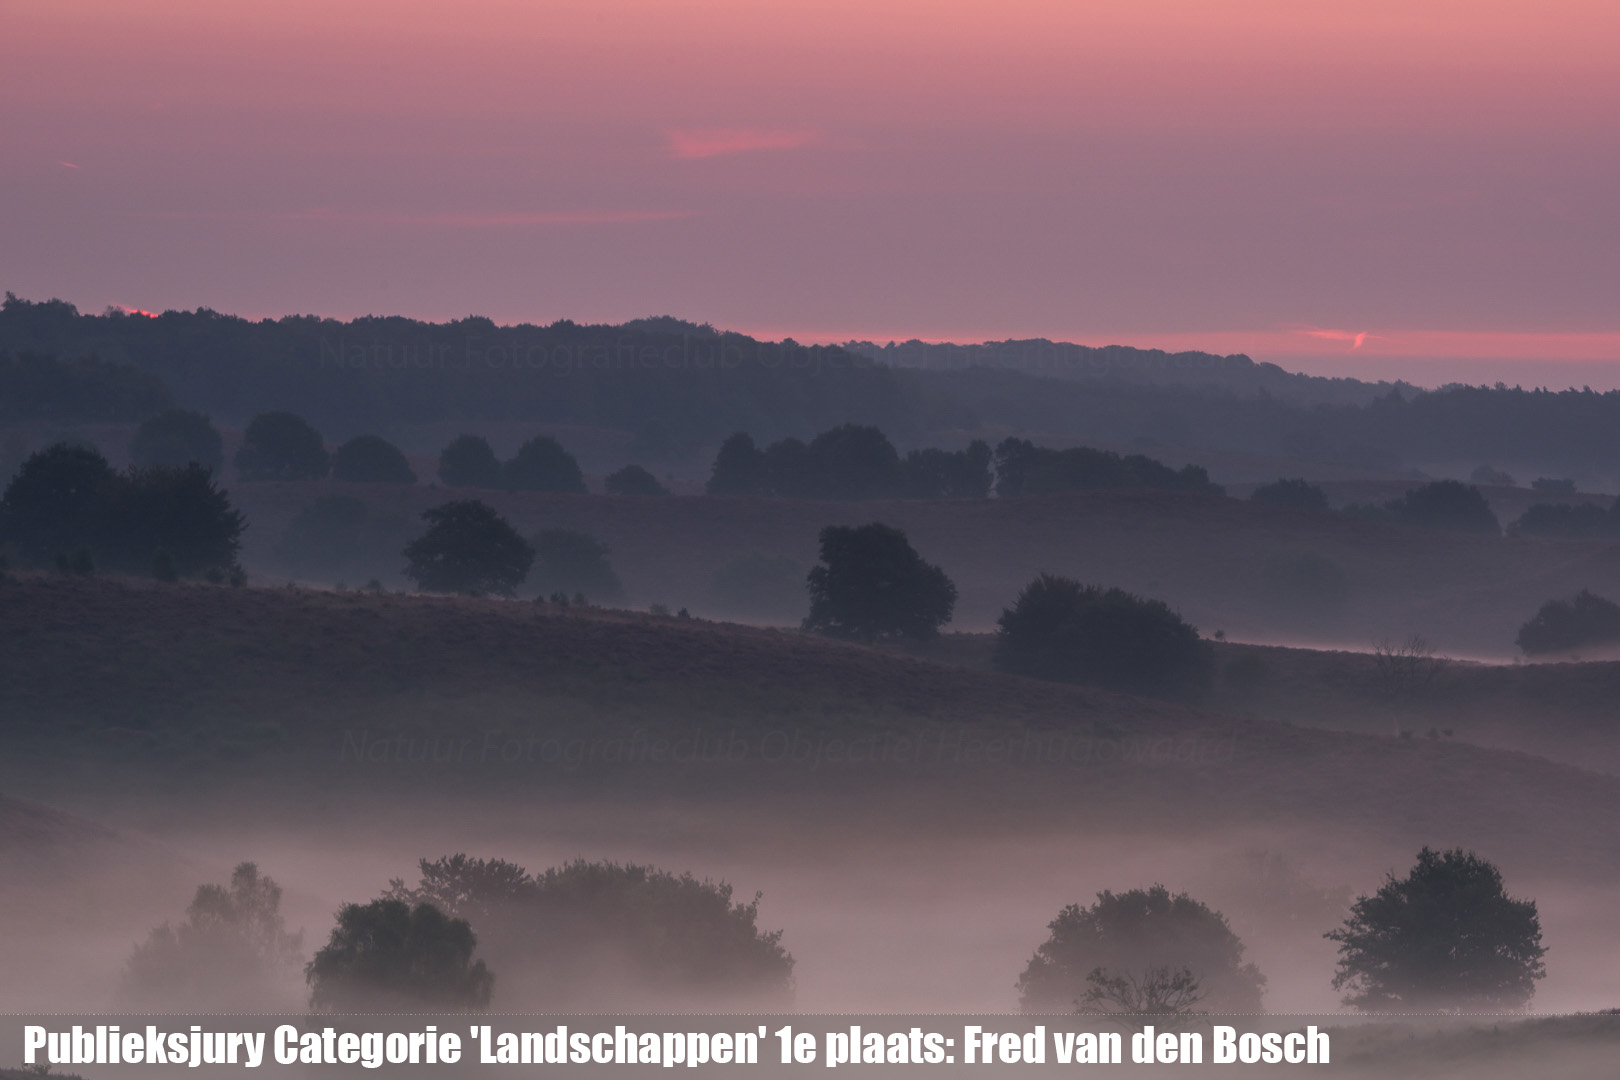 Publieksjury Categorie 'Landschappen' 1e plaats: Fred van den Bosch